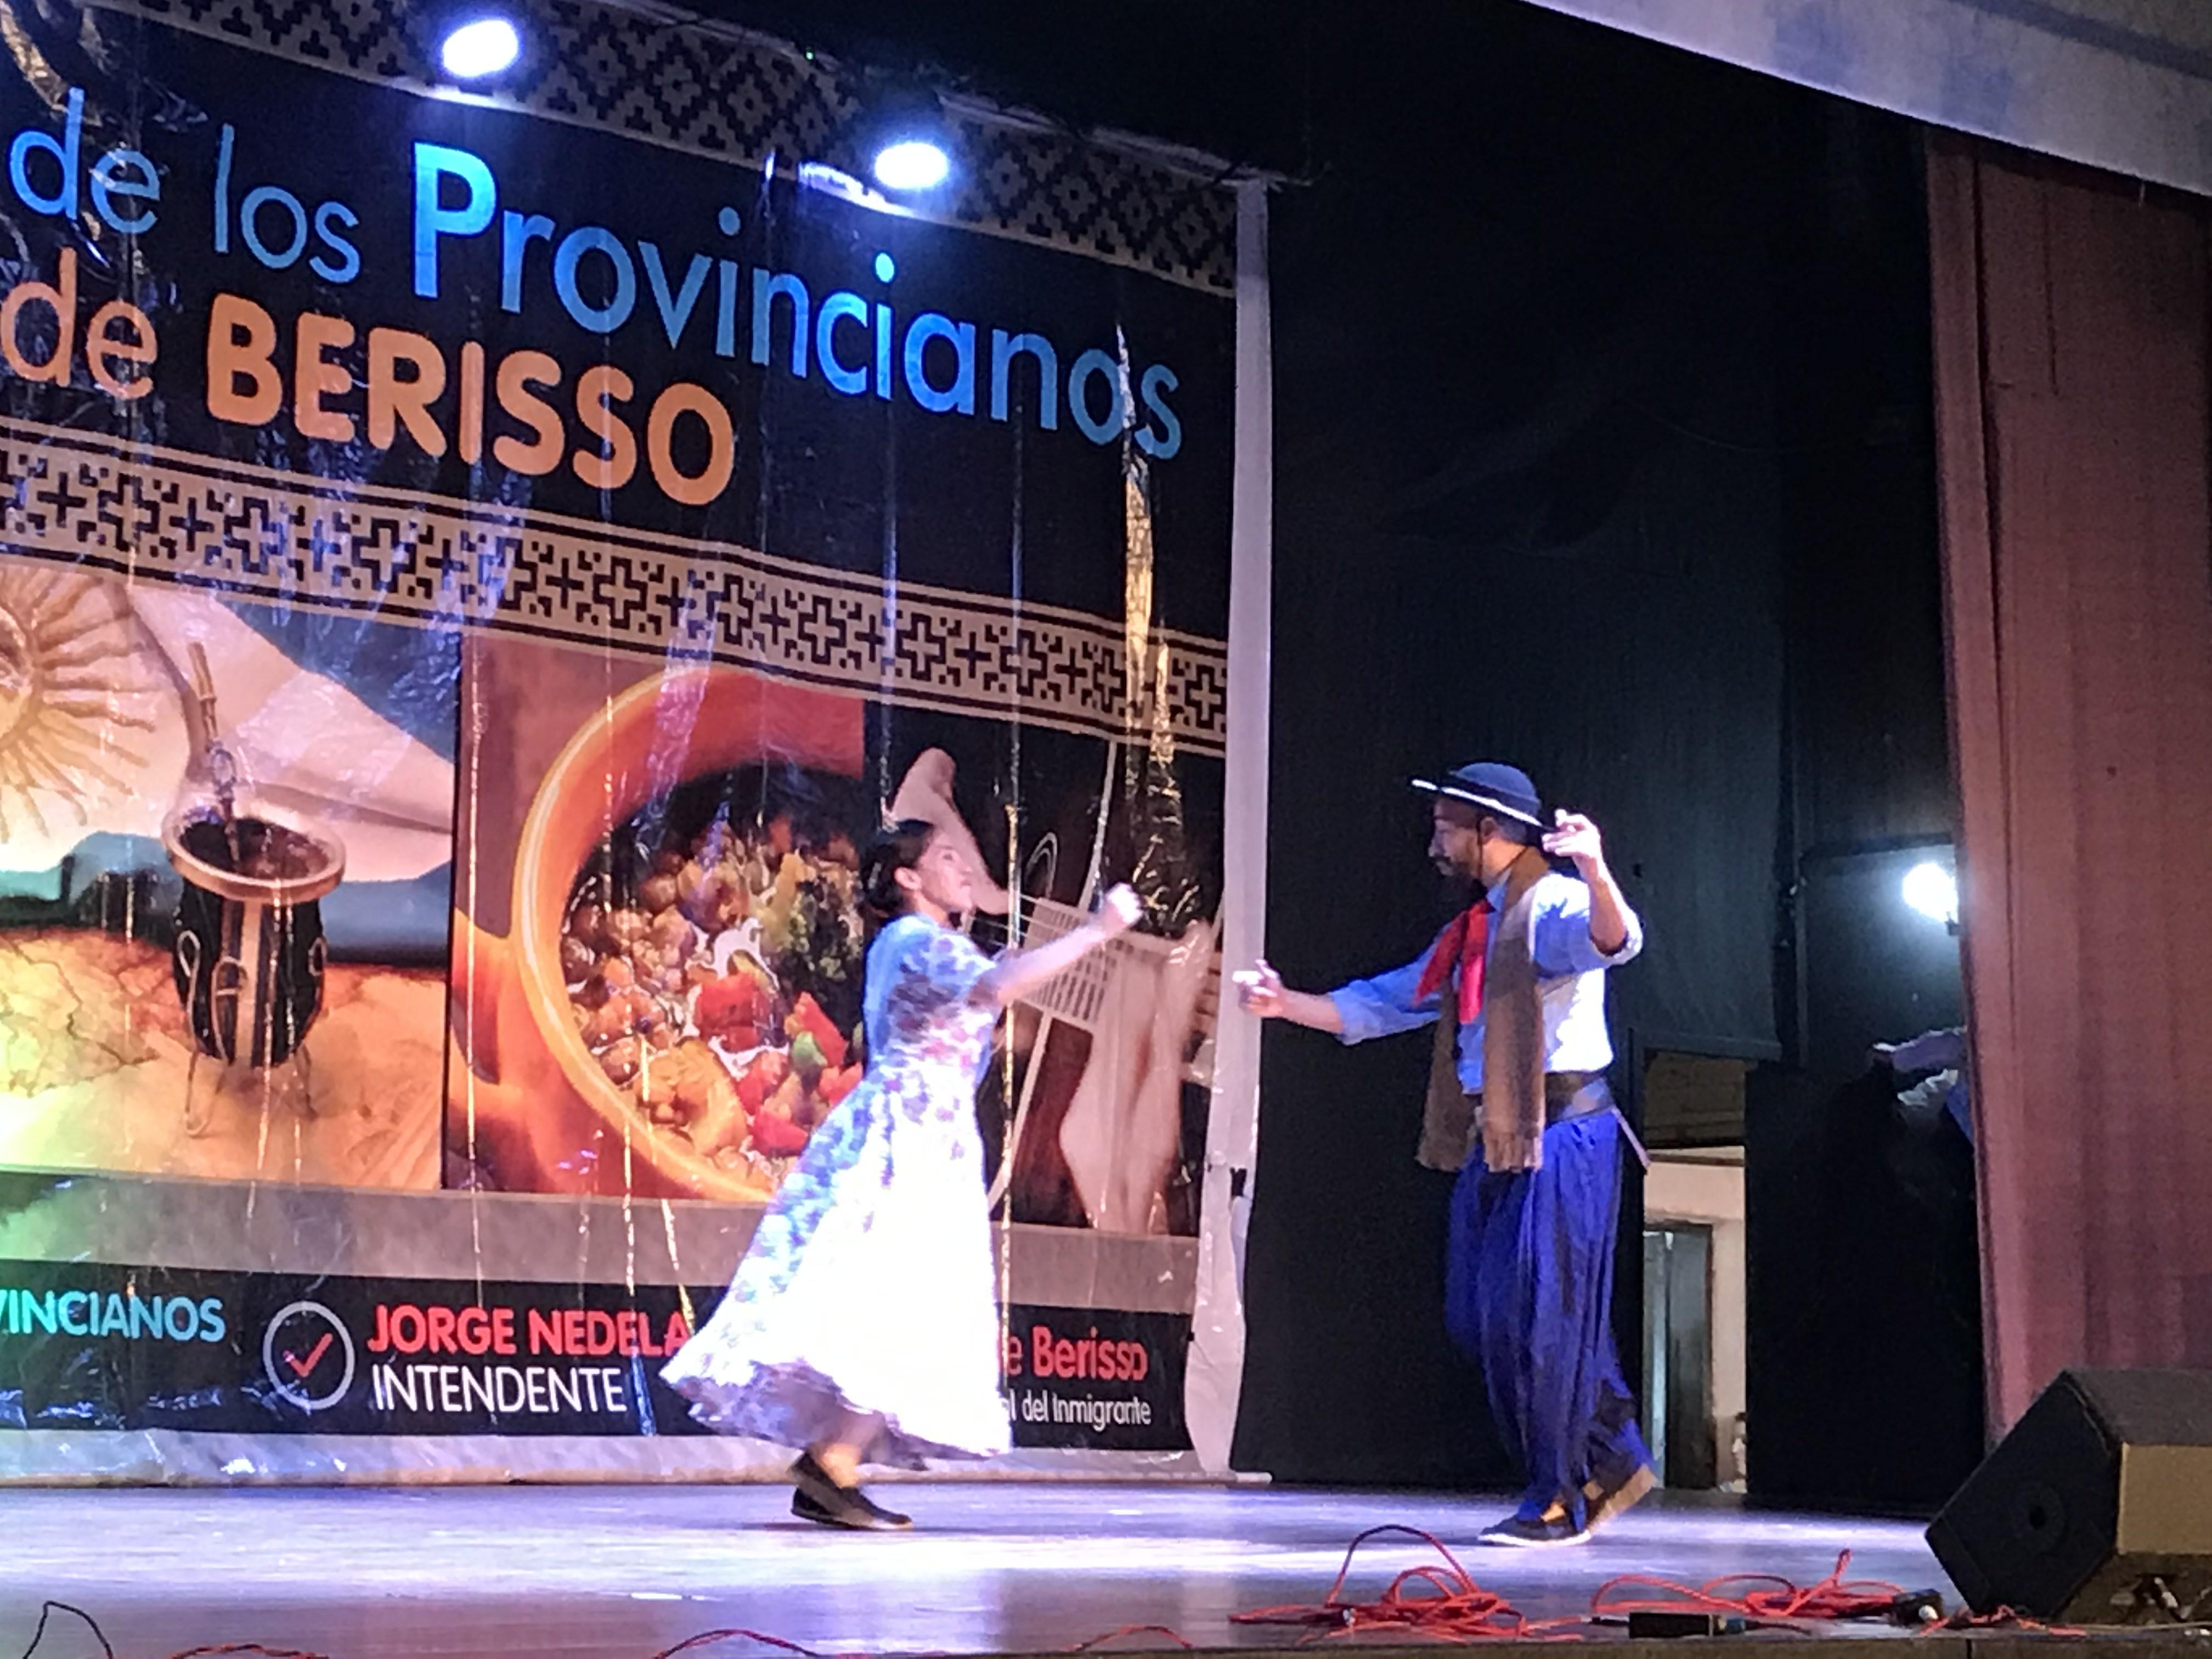 Comenzó la Fiesta del Provinciano: Números artísticos y representantes en escena